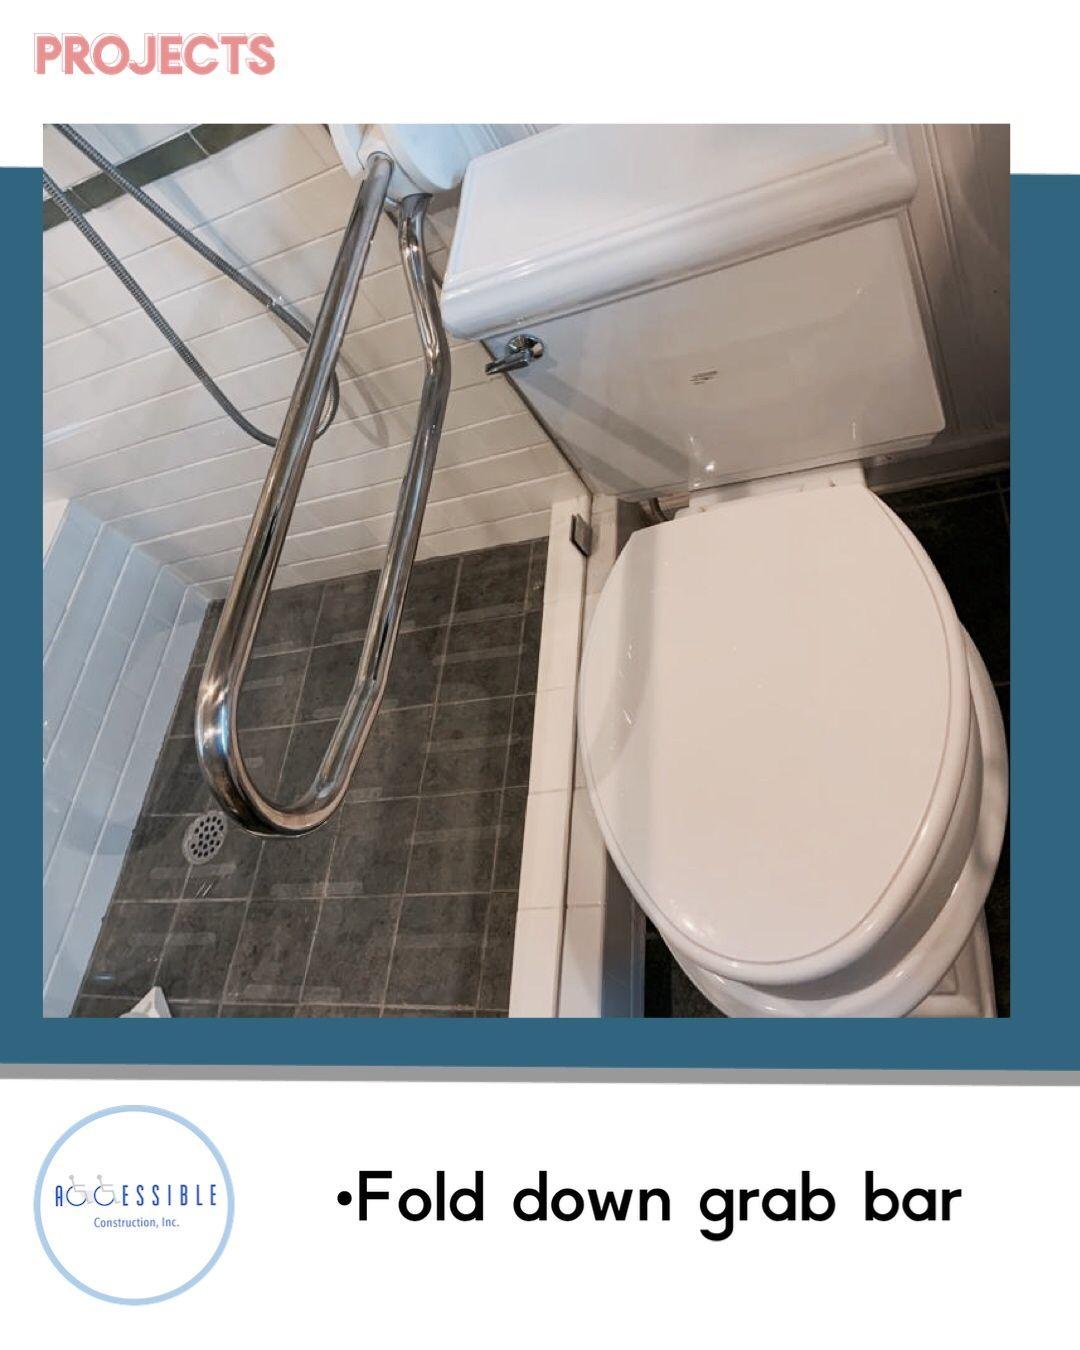 77 Accessible Bathrooms Ideas In 2021 Accessible Bathroom Universal Design Handicap Bathroom